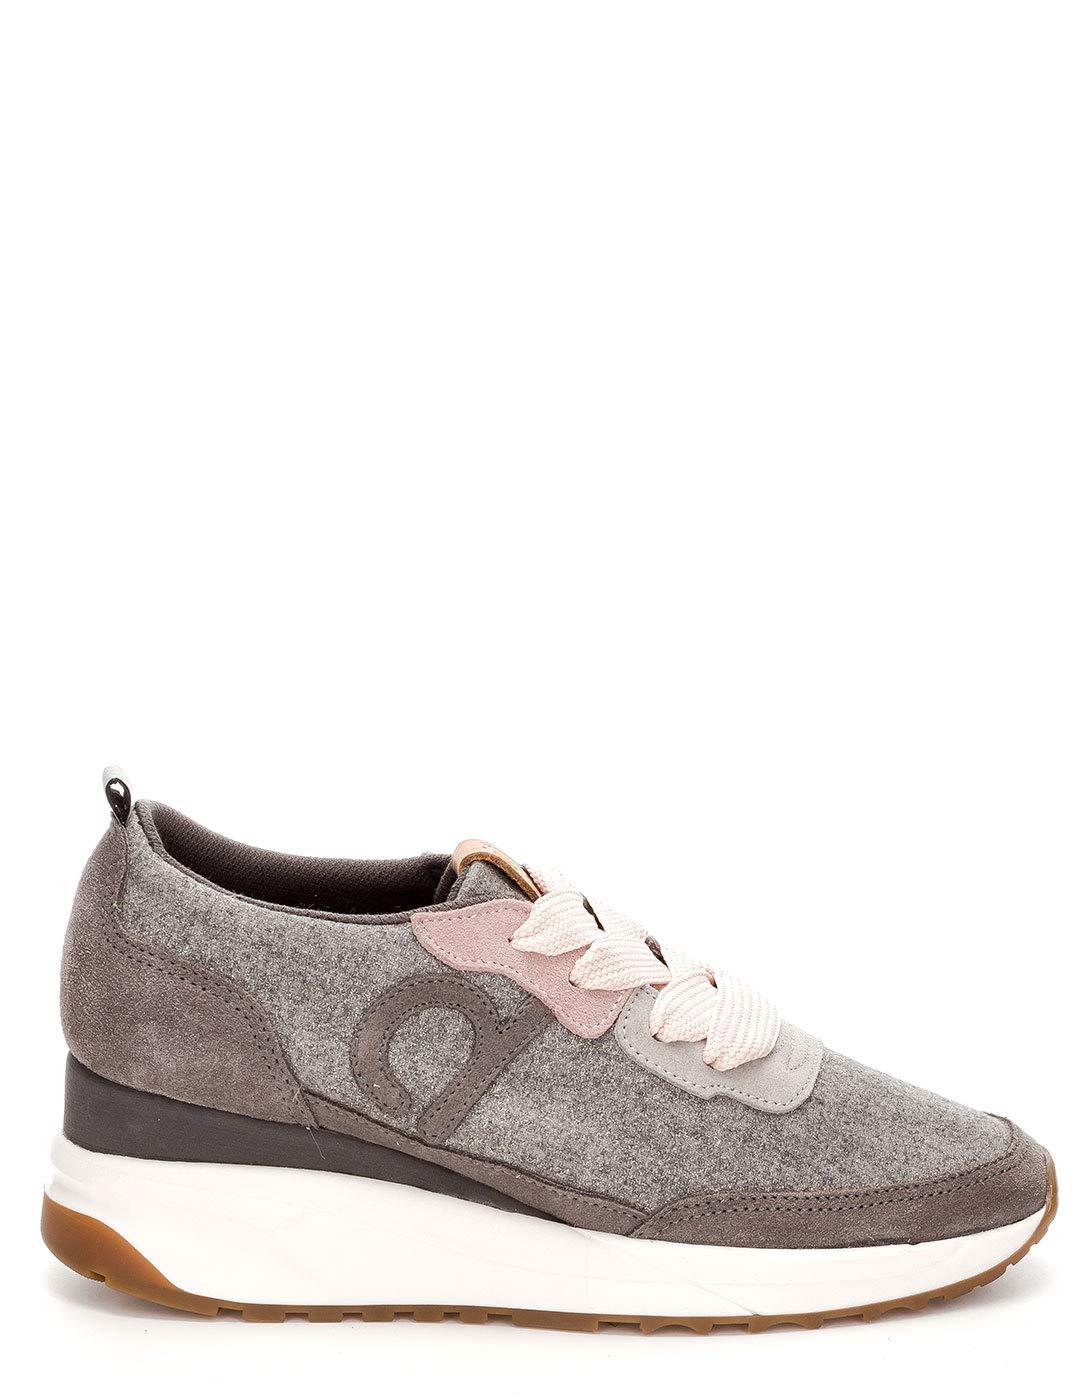 DUUO Raval, Zapatillas para Mujer 39 EU Gris (Grey 005)